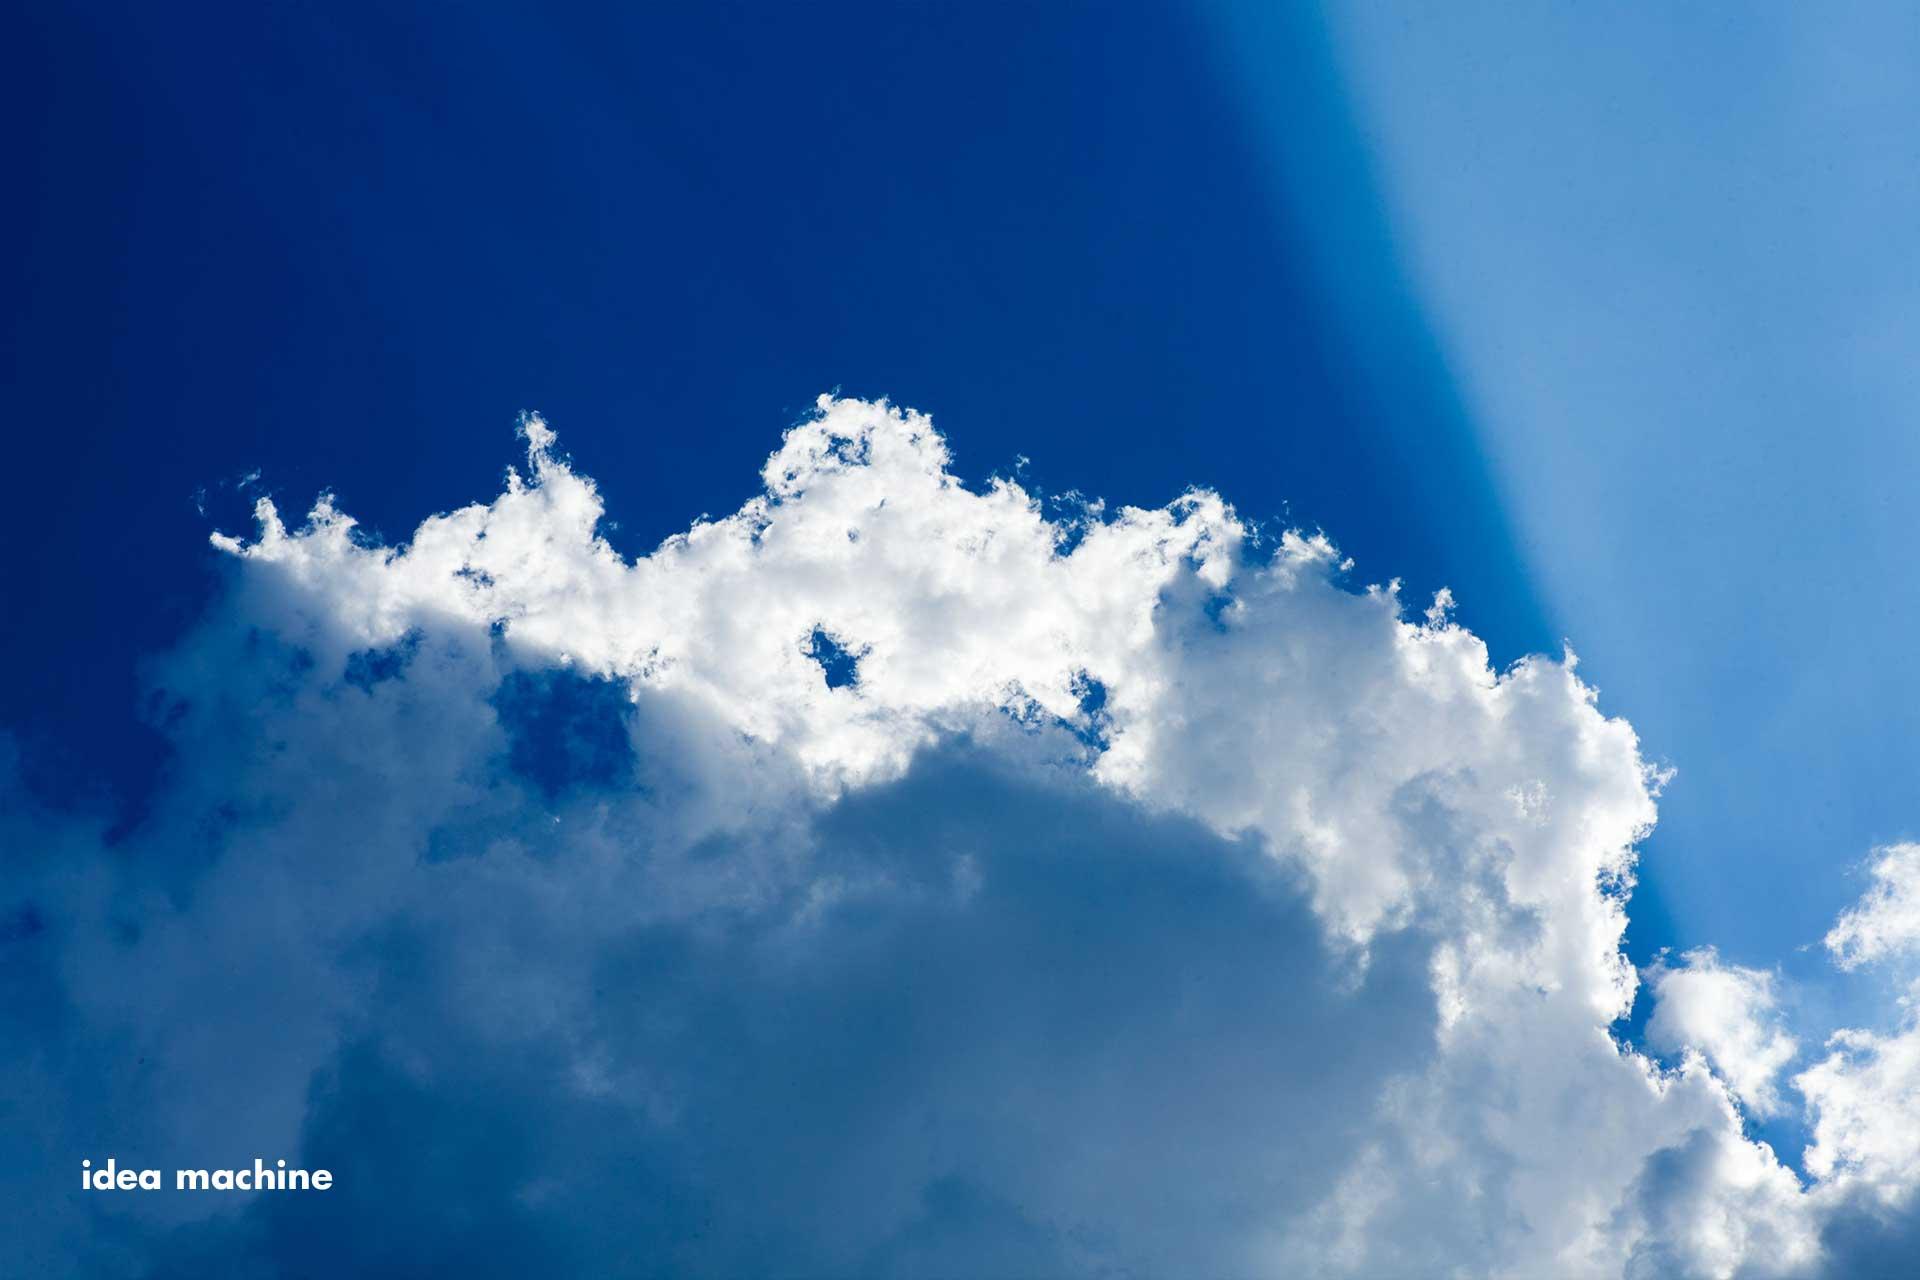 sky with Leica